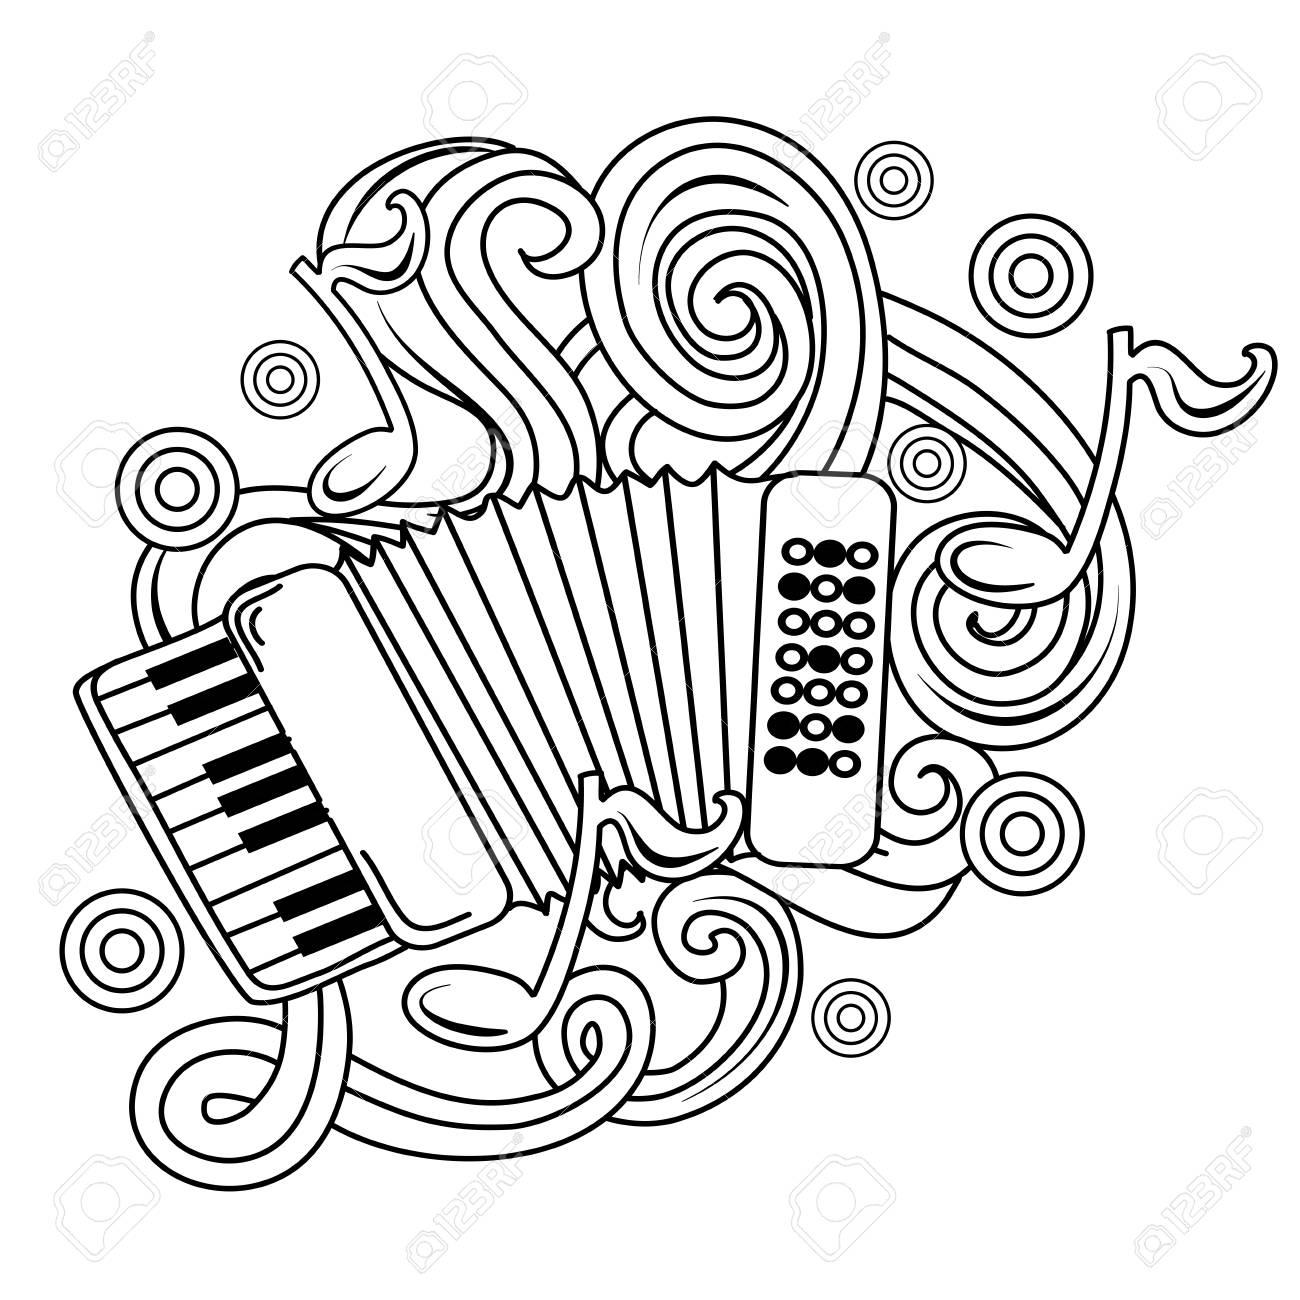 Dessin Animé Doodles Dessinés à La Main Illustration Musicale Fond De Vecteur De Croquis Avec Accordéon Et Objets Abstraits